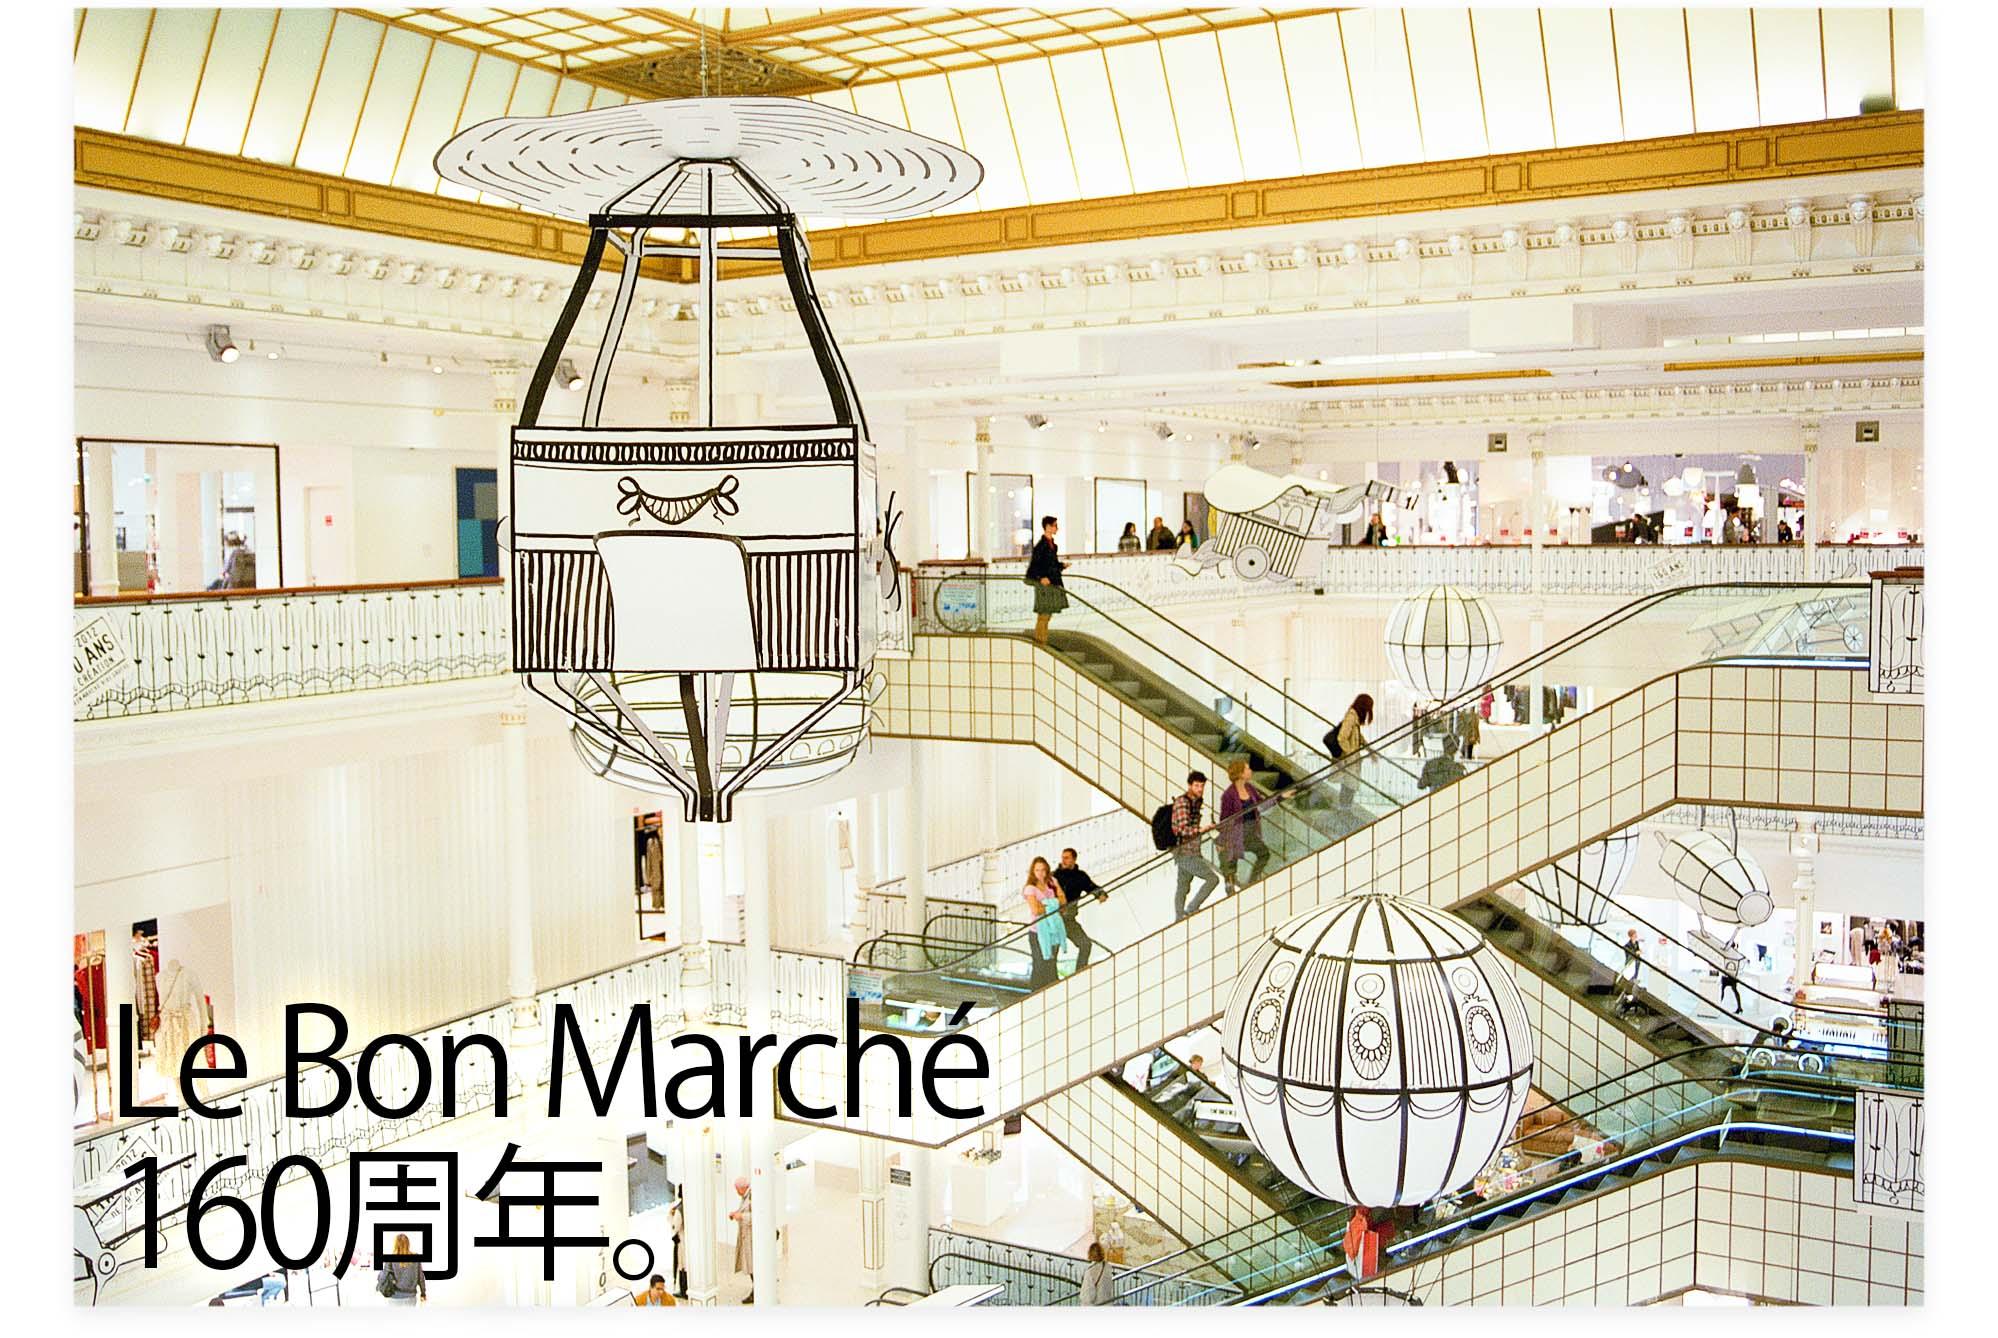 20121030c1_LeBonMarche160周年